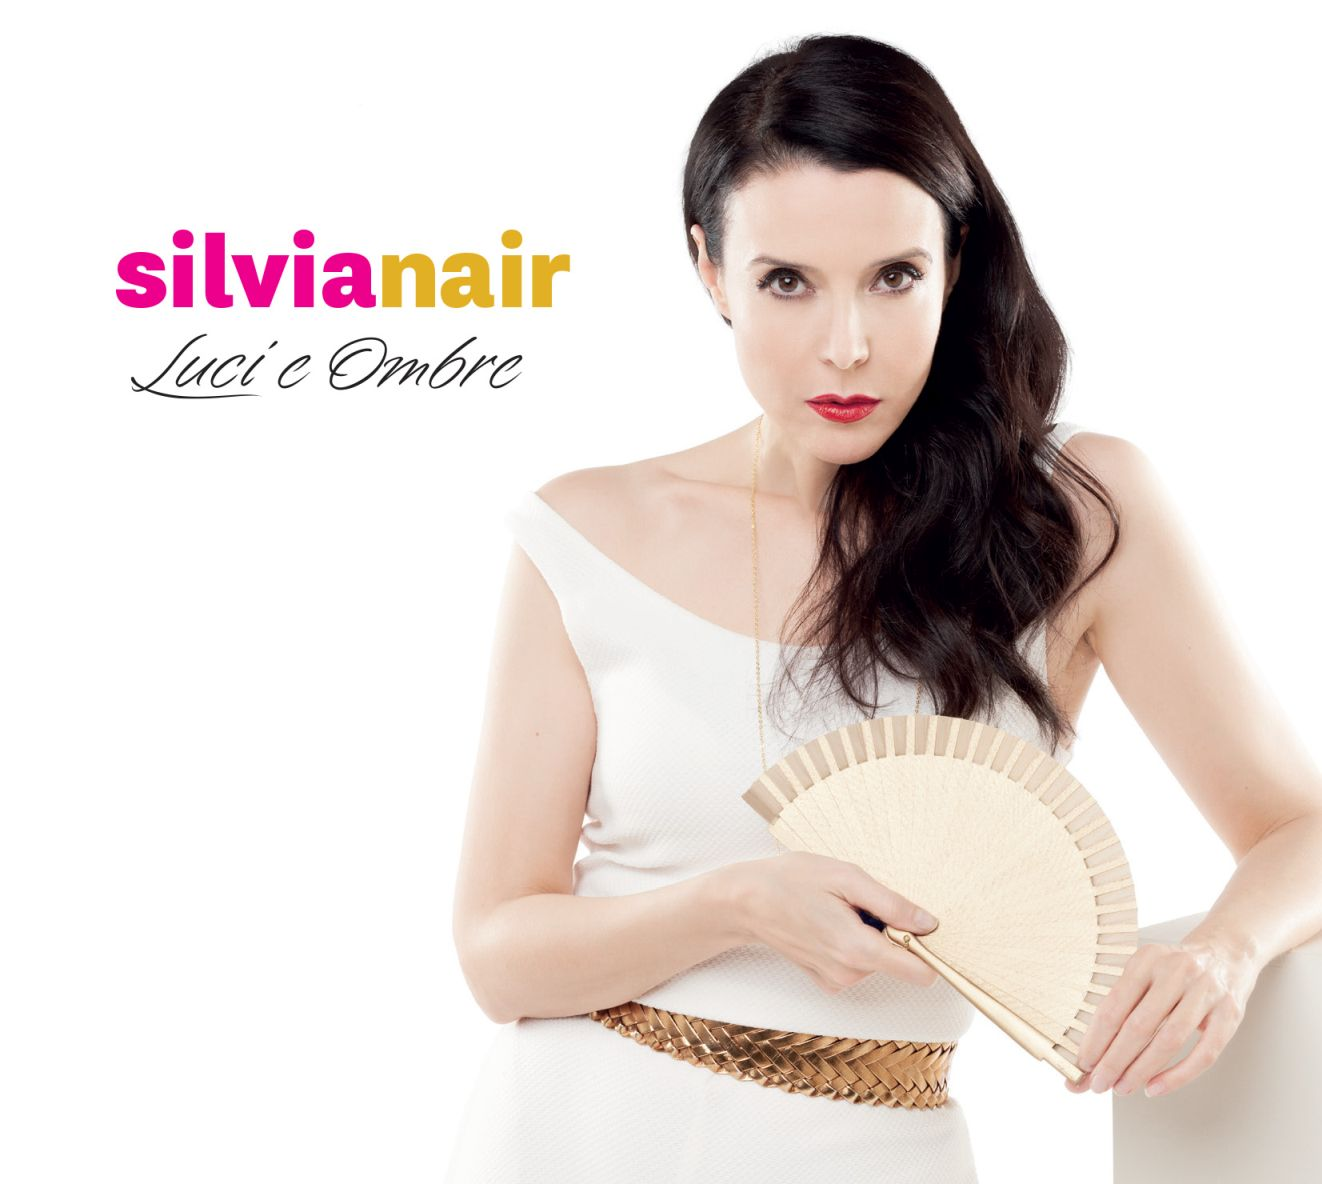 LUCI E OMBRE, speciale appuntamento natalizio piano e voce: Silvia Nair ore 21 diretta streaming